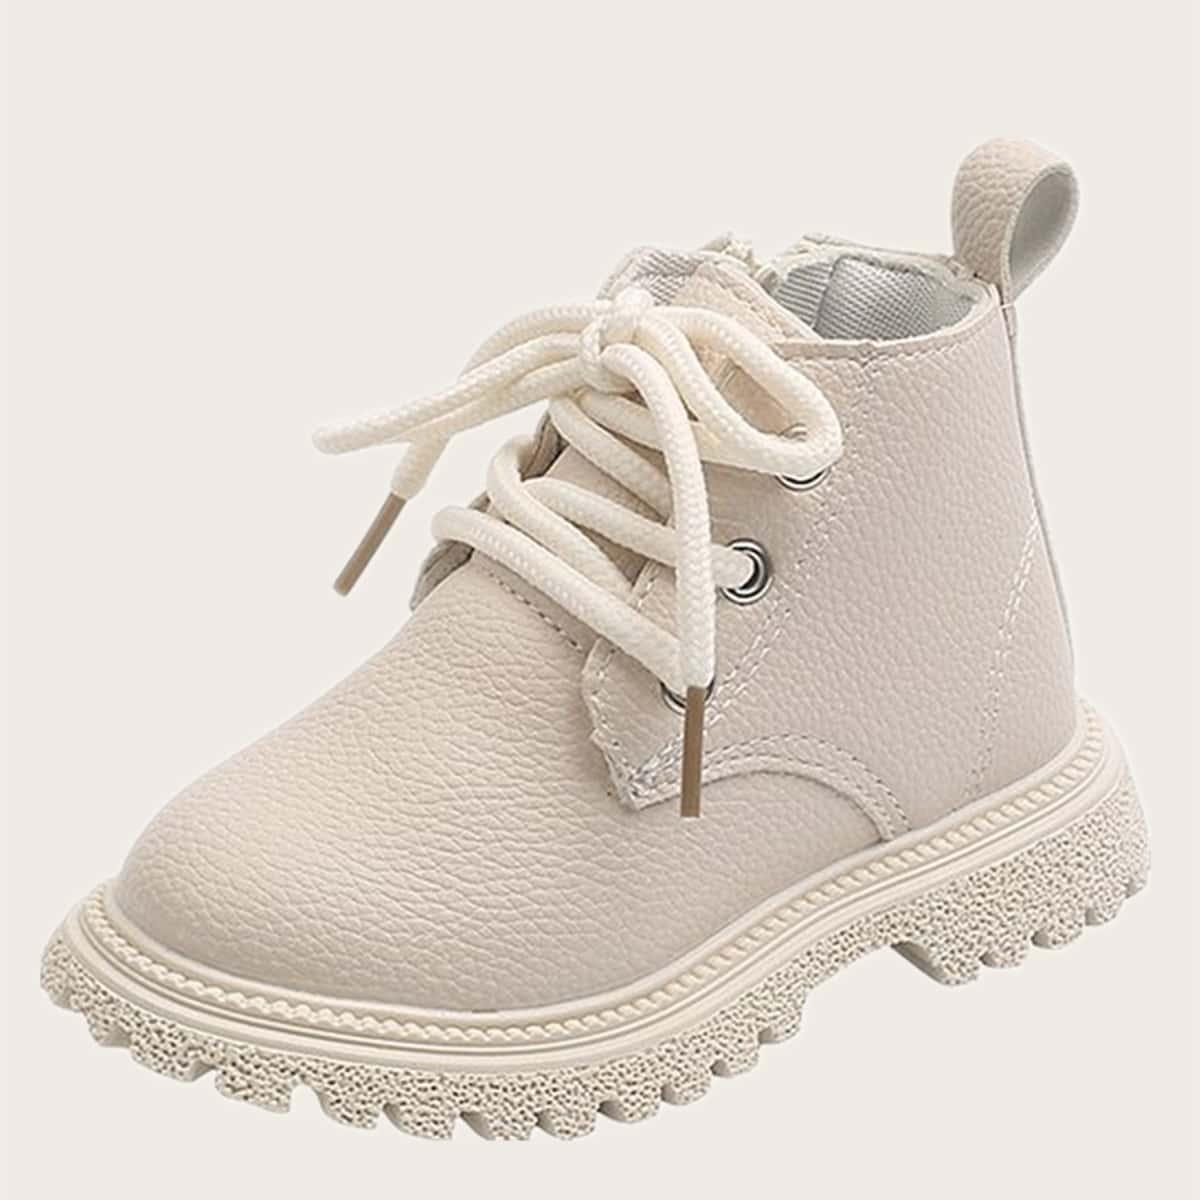 Минималистичные ботинки на молнии для девочек SheIn sk2108113529546346